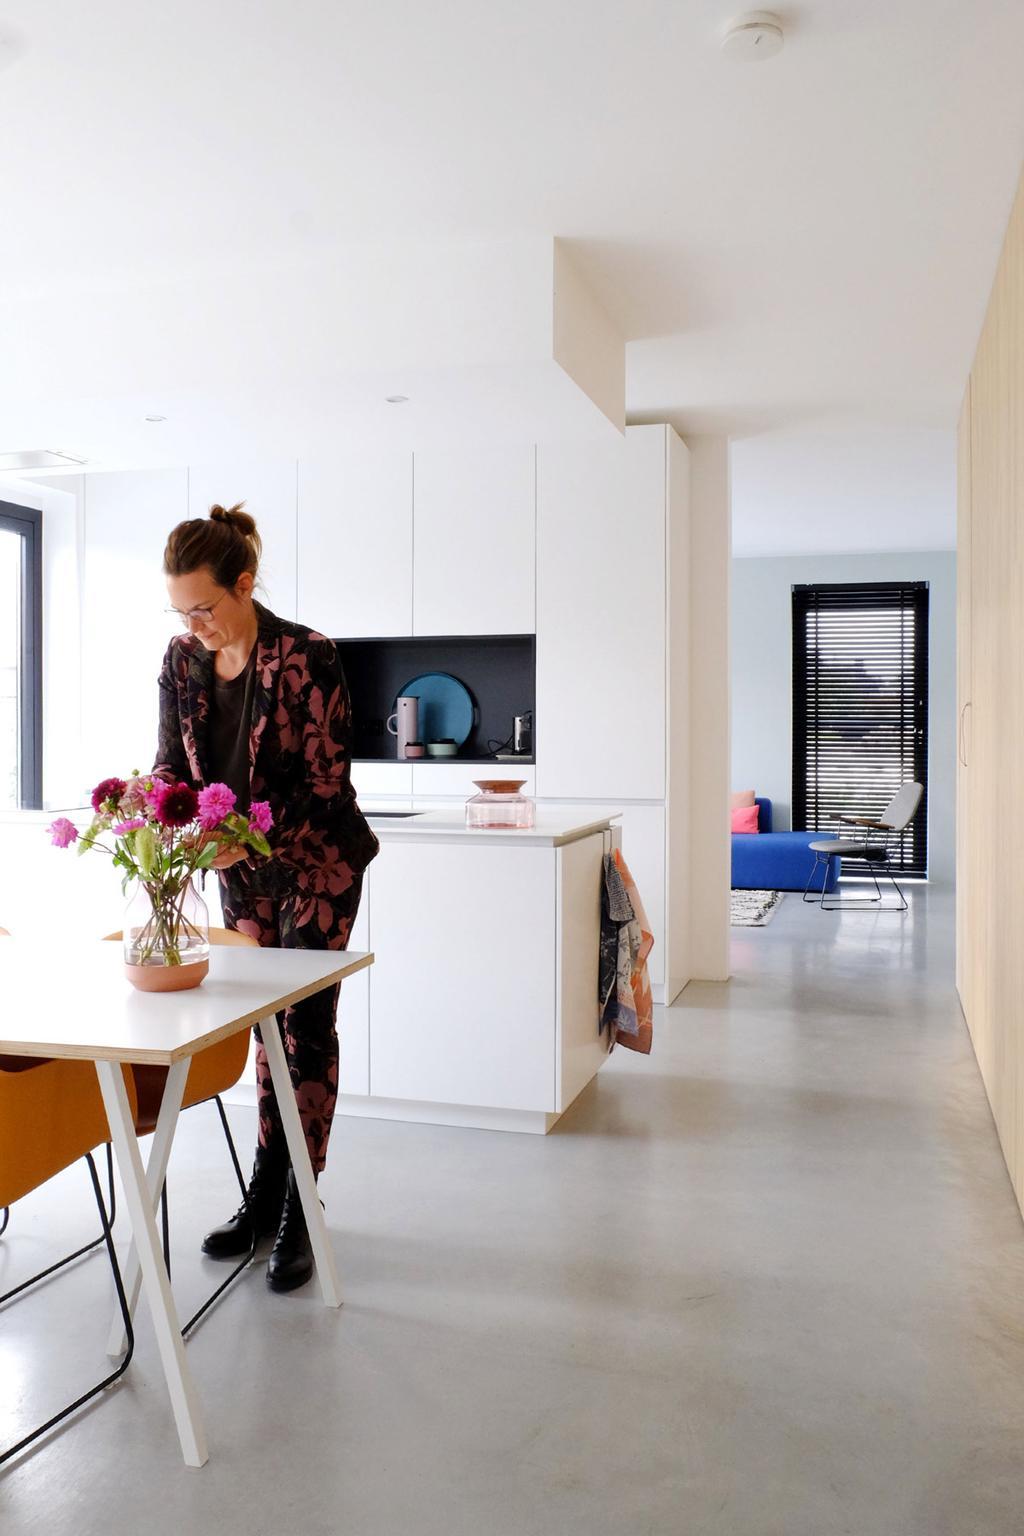 Witte keuken van PRCHTG met eettafel en beton vloer.